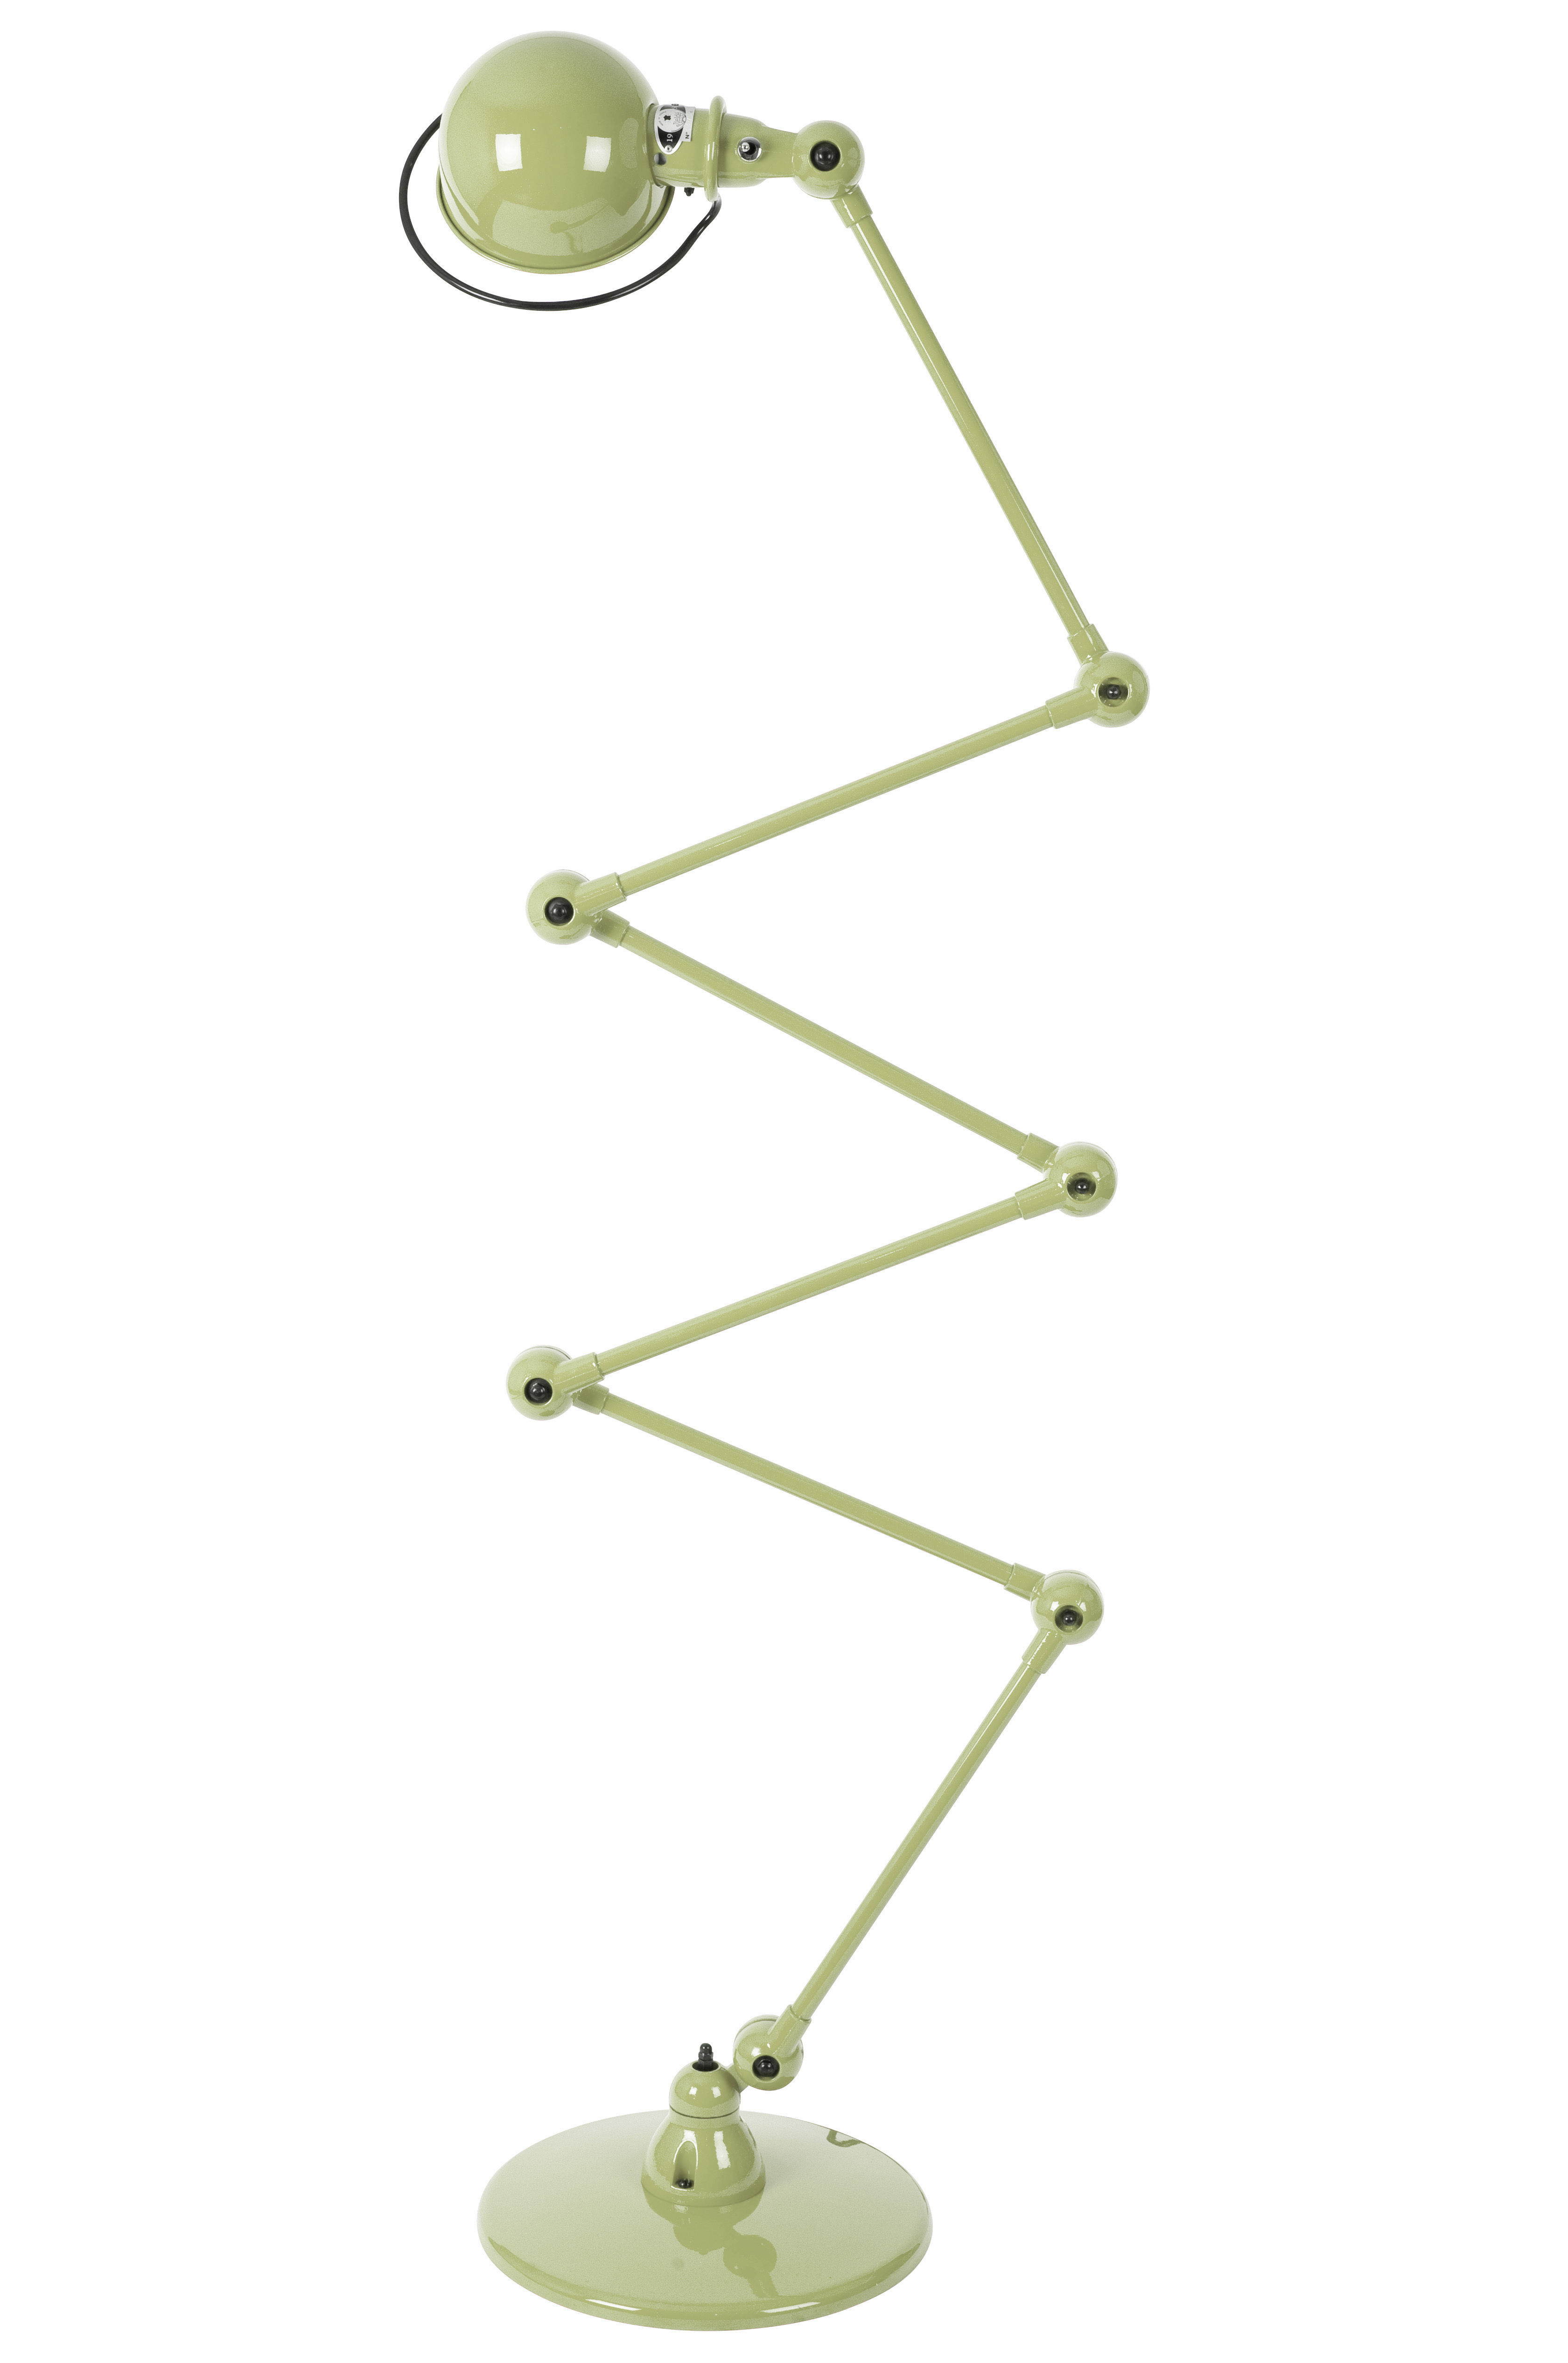 Leuchten - Stehleuchten - Loft Zigzag Stehleuchte / mit 6 Gelenkarmen - H max. 240 cm - Jieldé - Khaki, glänzend - rostfreier Stahl